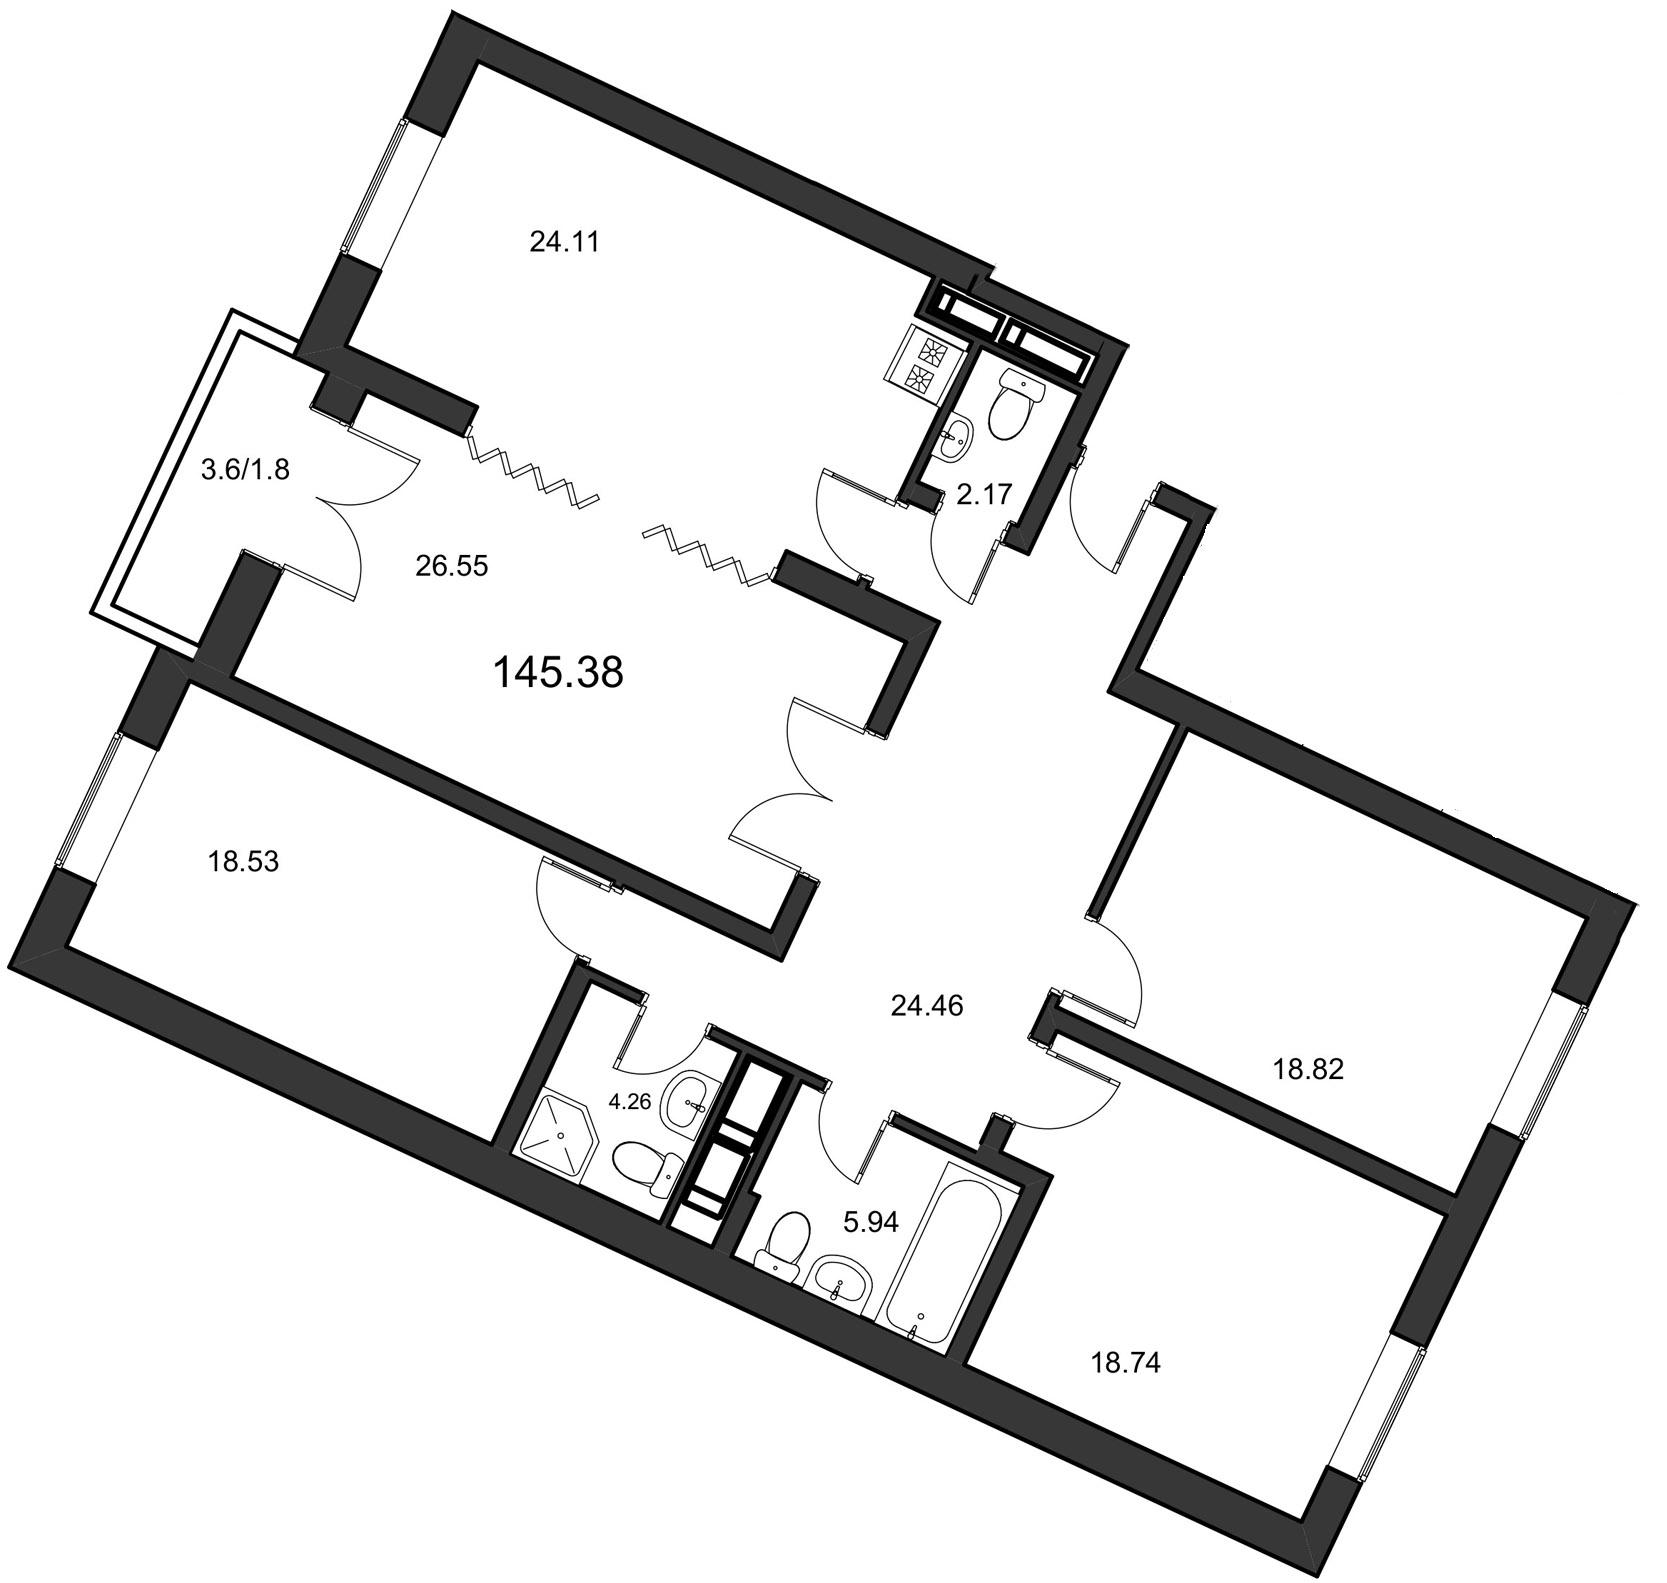 Планировка Четырёхкомнатная квартира площадью 145.38 кв.м в ЖК «Leningrad»